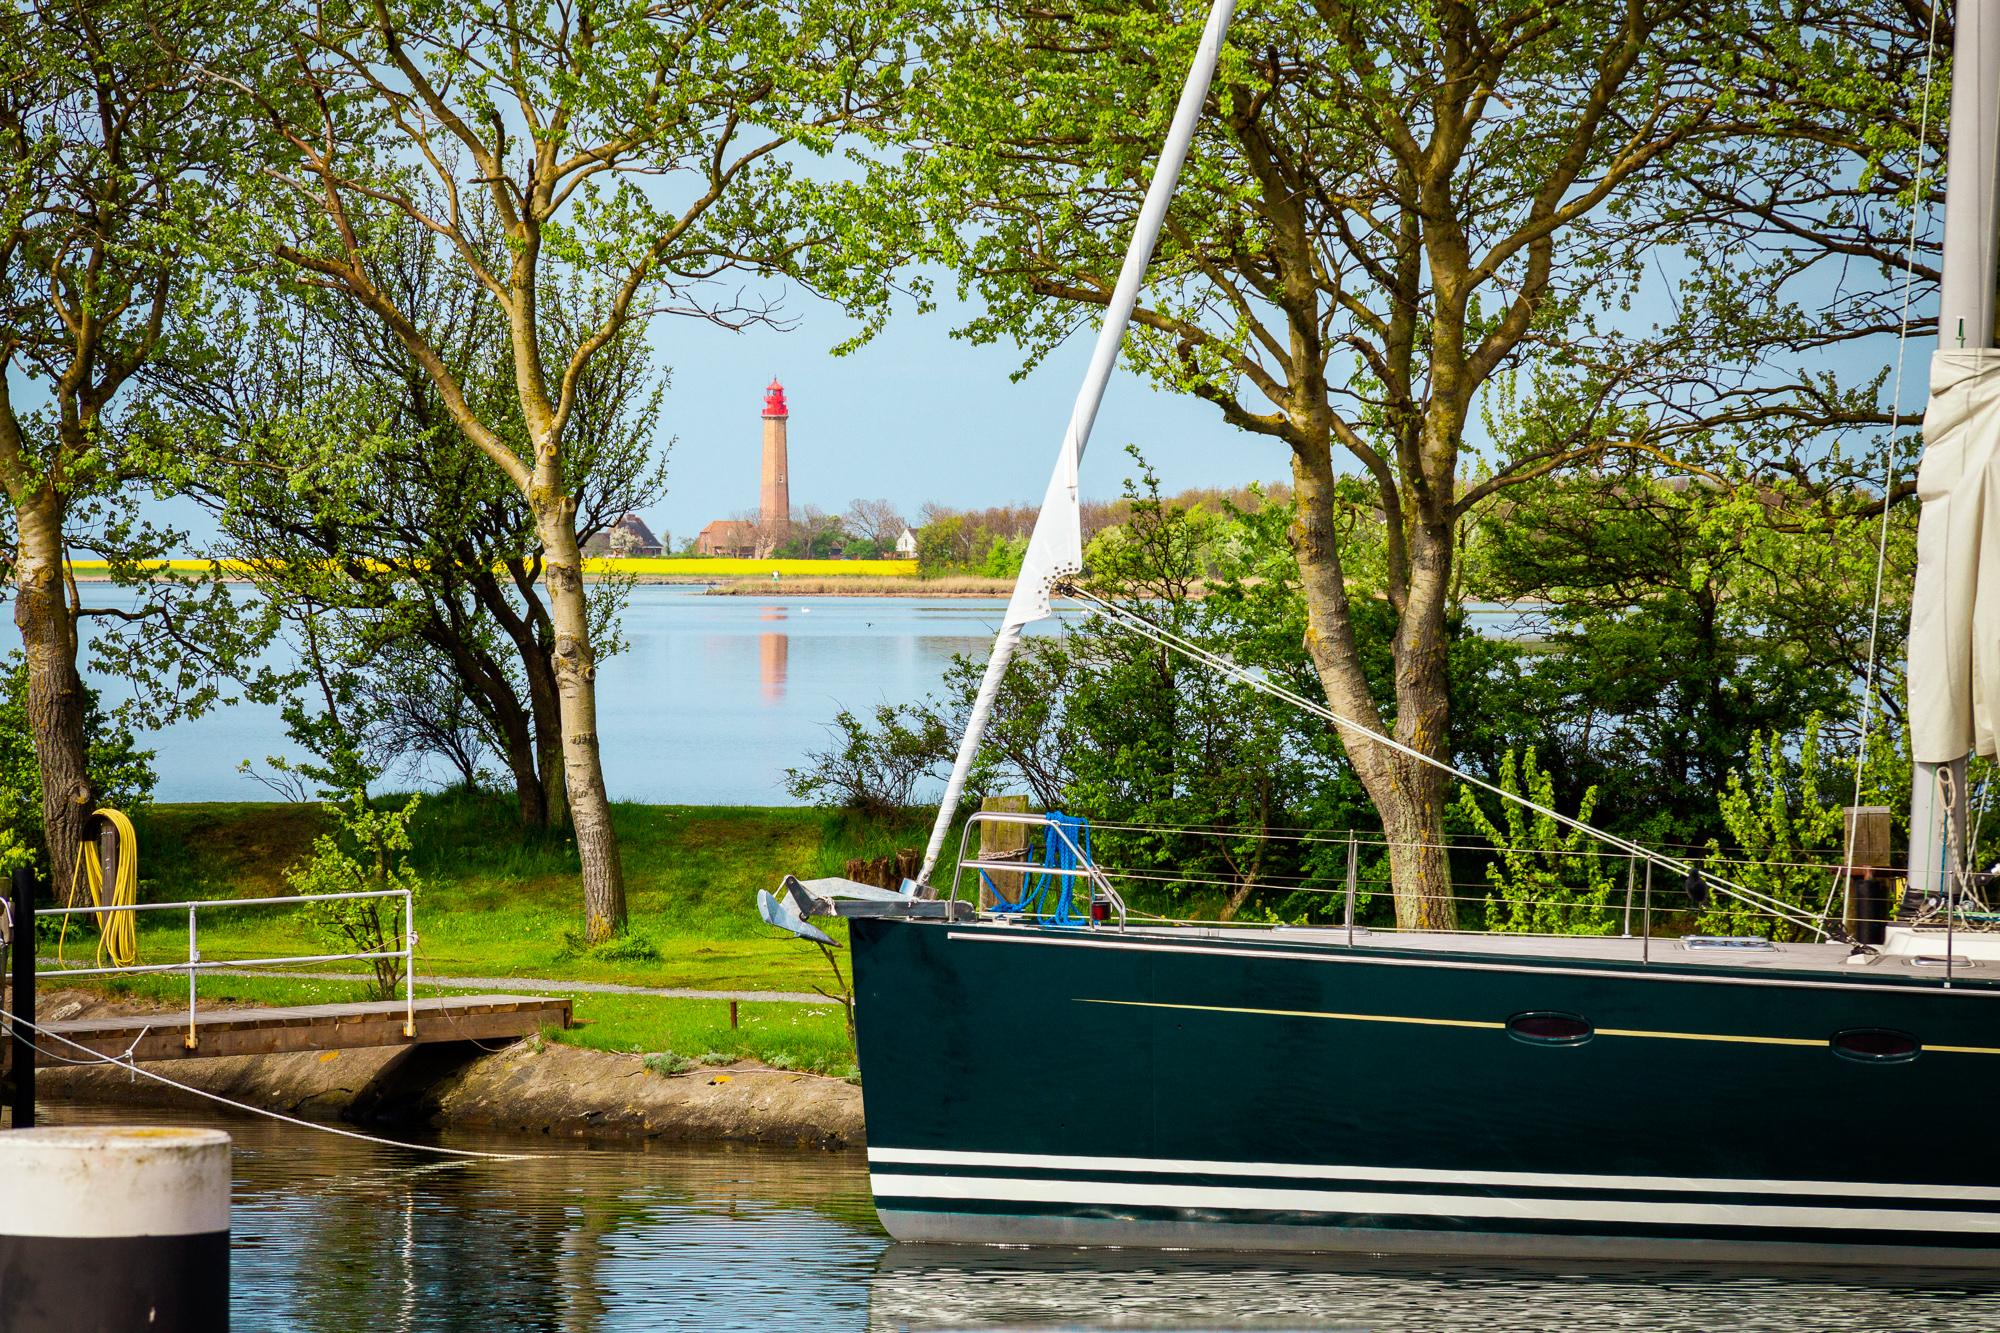 Hafen Orth Leuchtturm Flügge